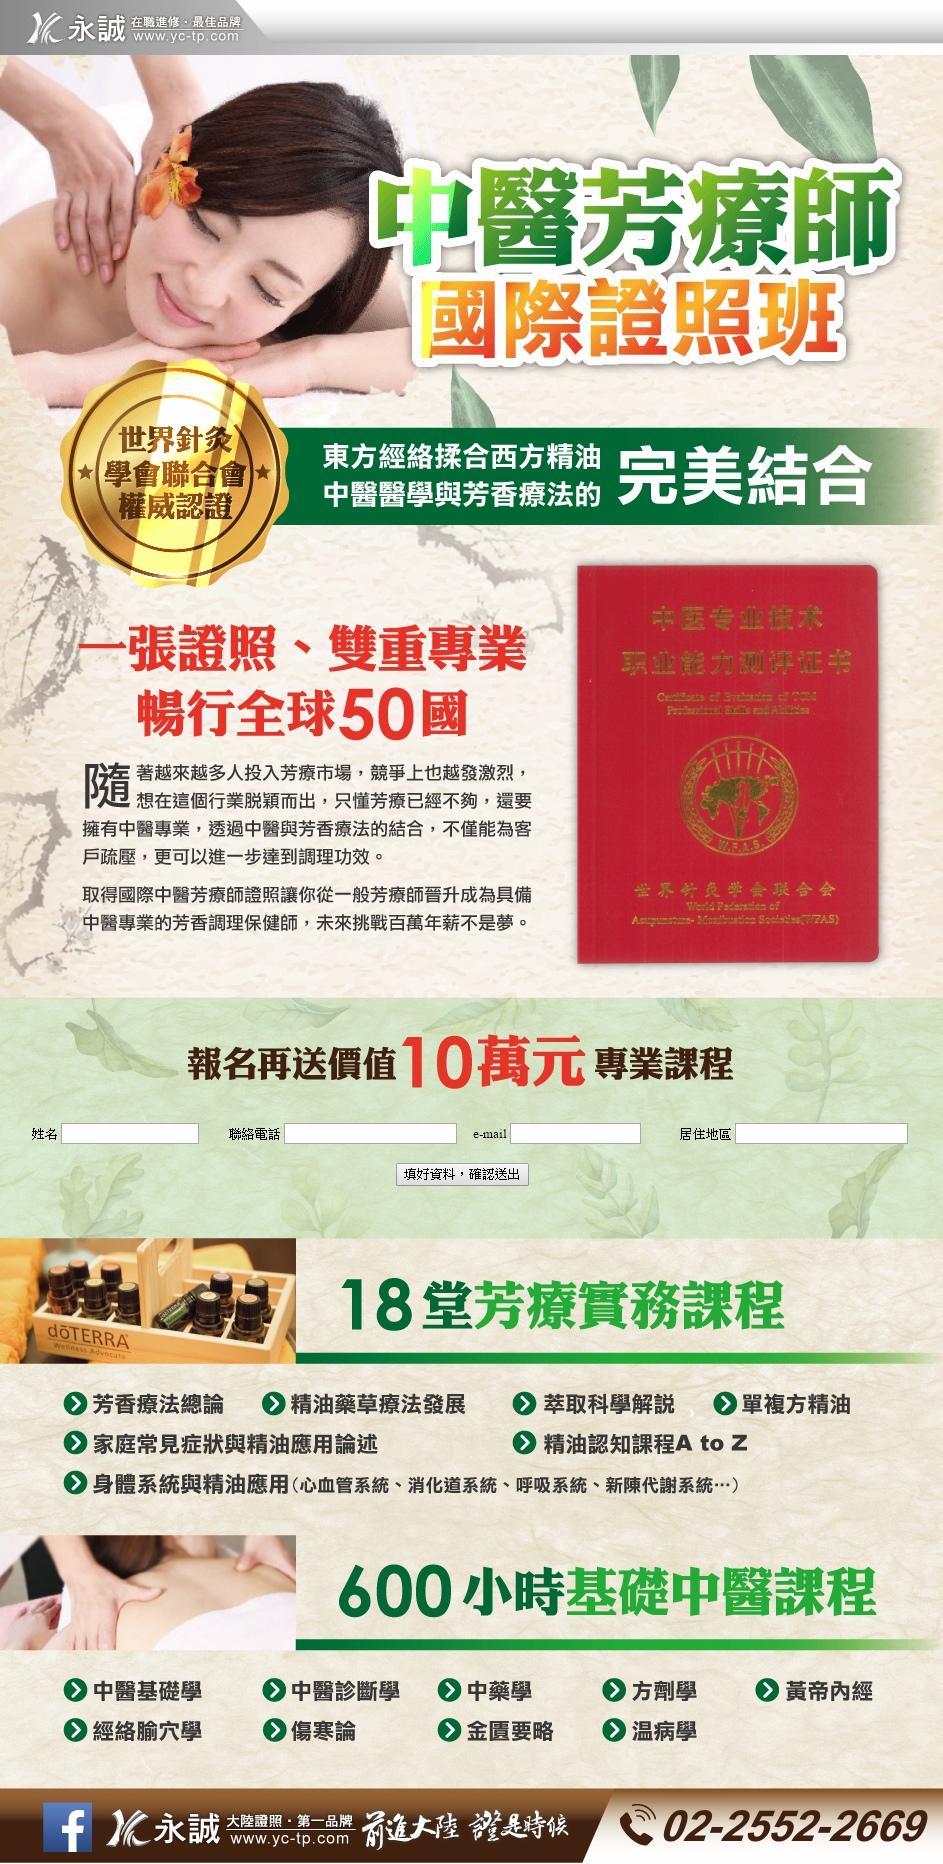 永誠|中醫芳療師國際證照班 世界針灸學會聯合會權威認證